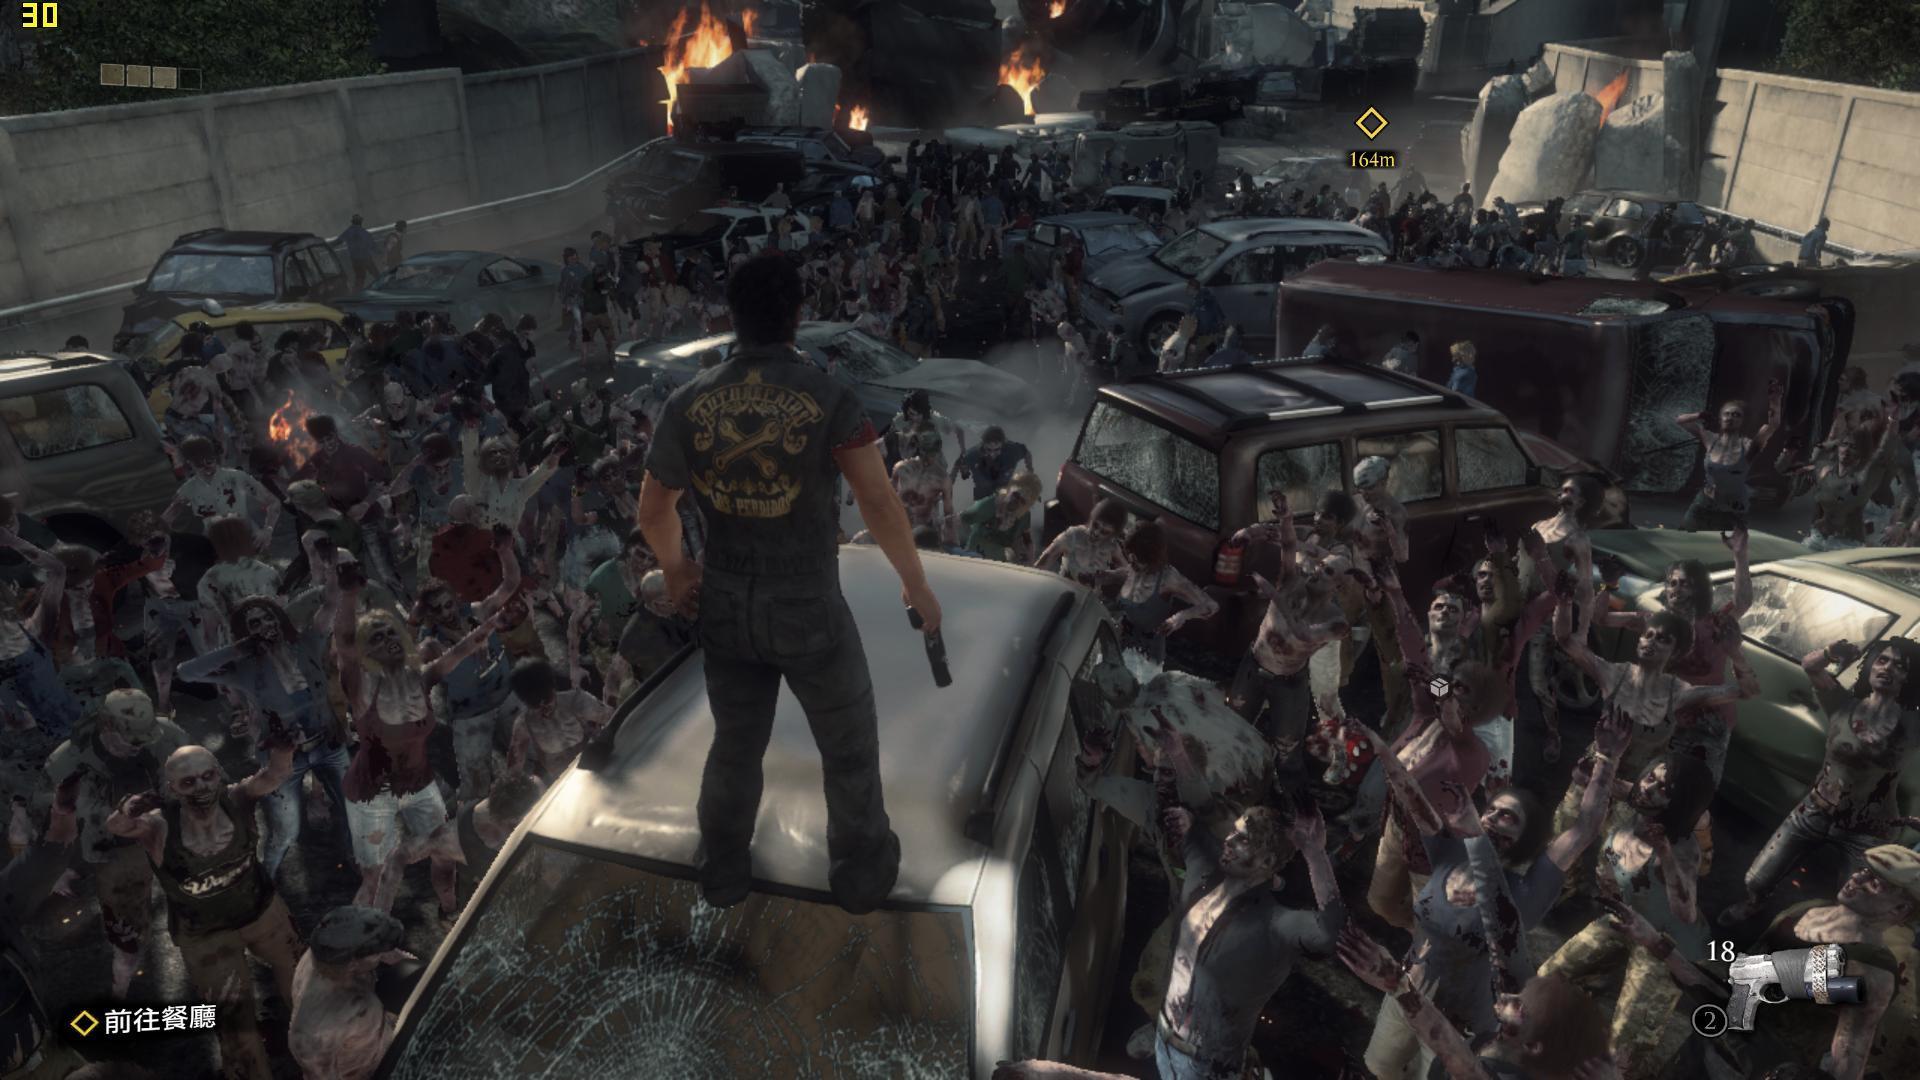 卡普空宣布《丧尸围城4》将限时独占xbox